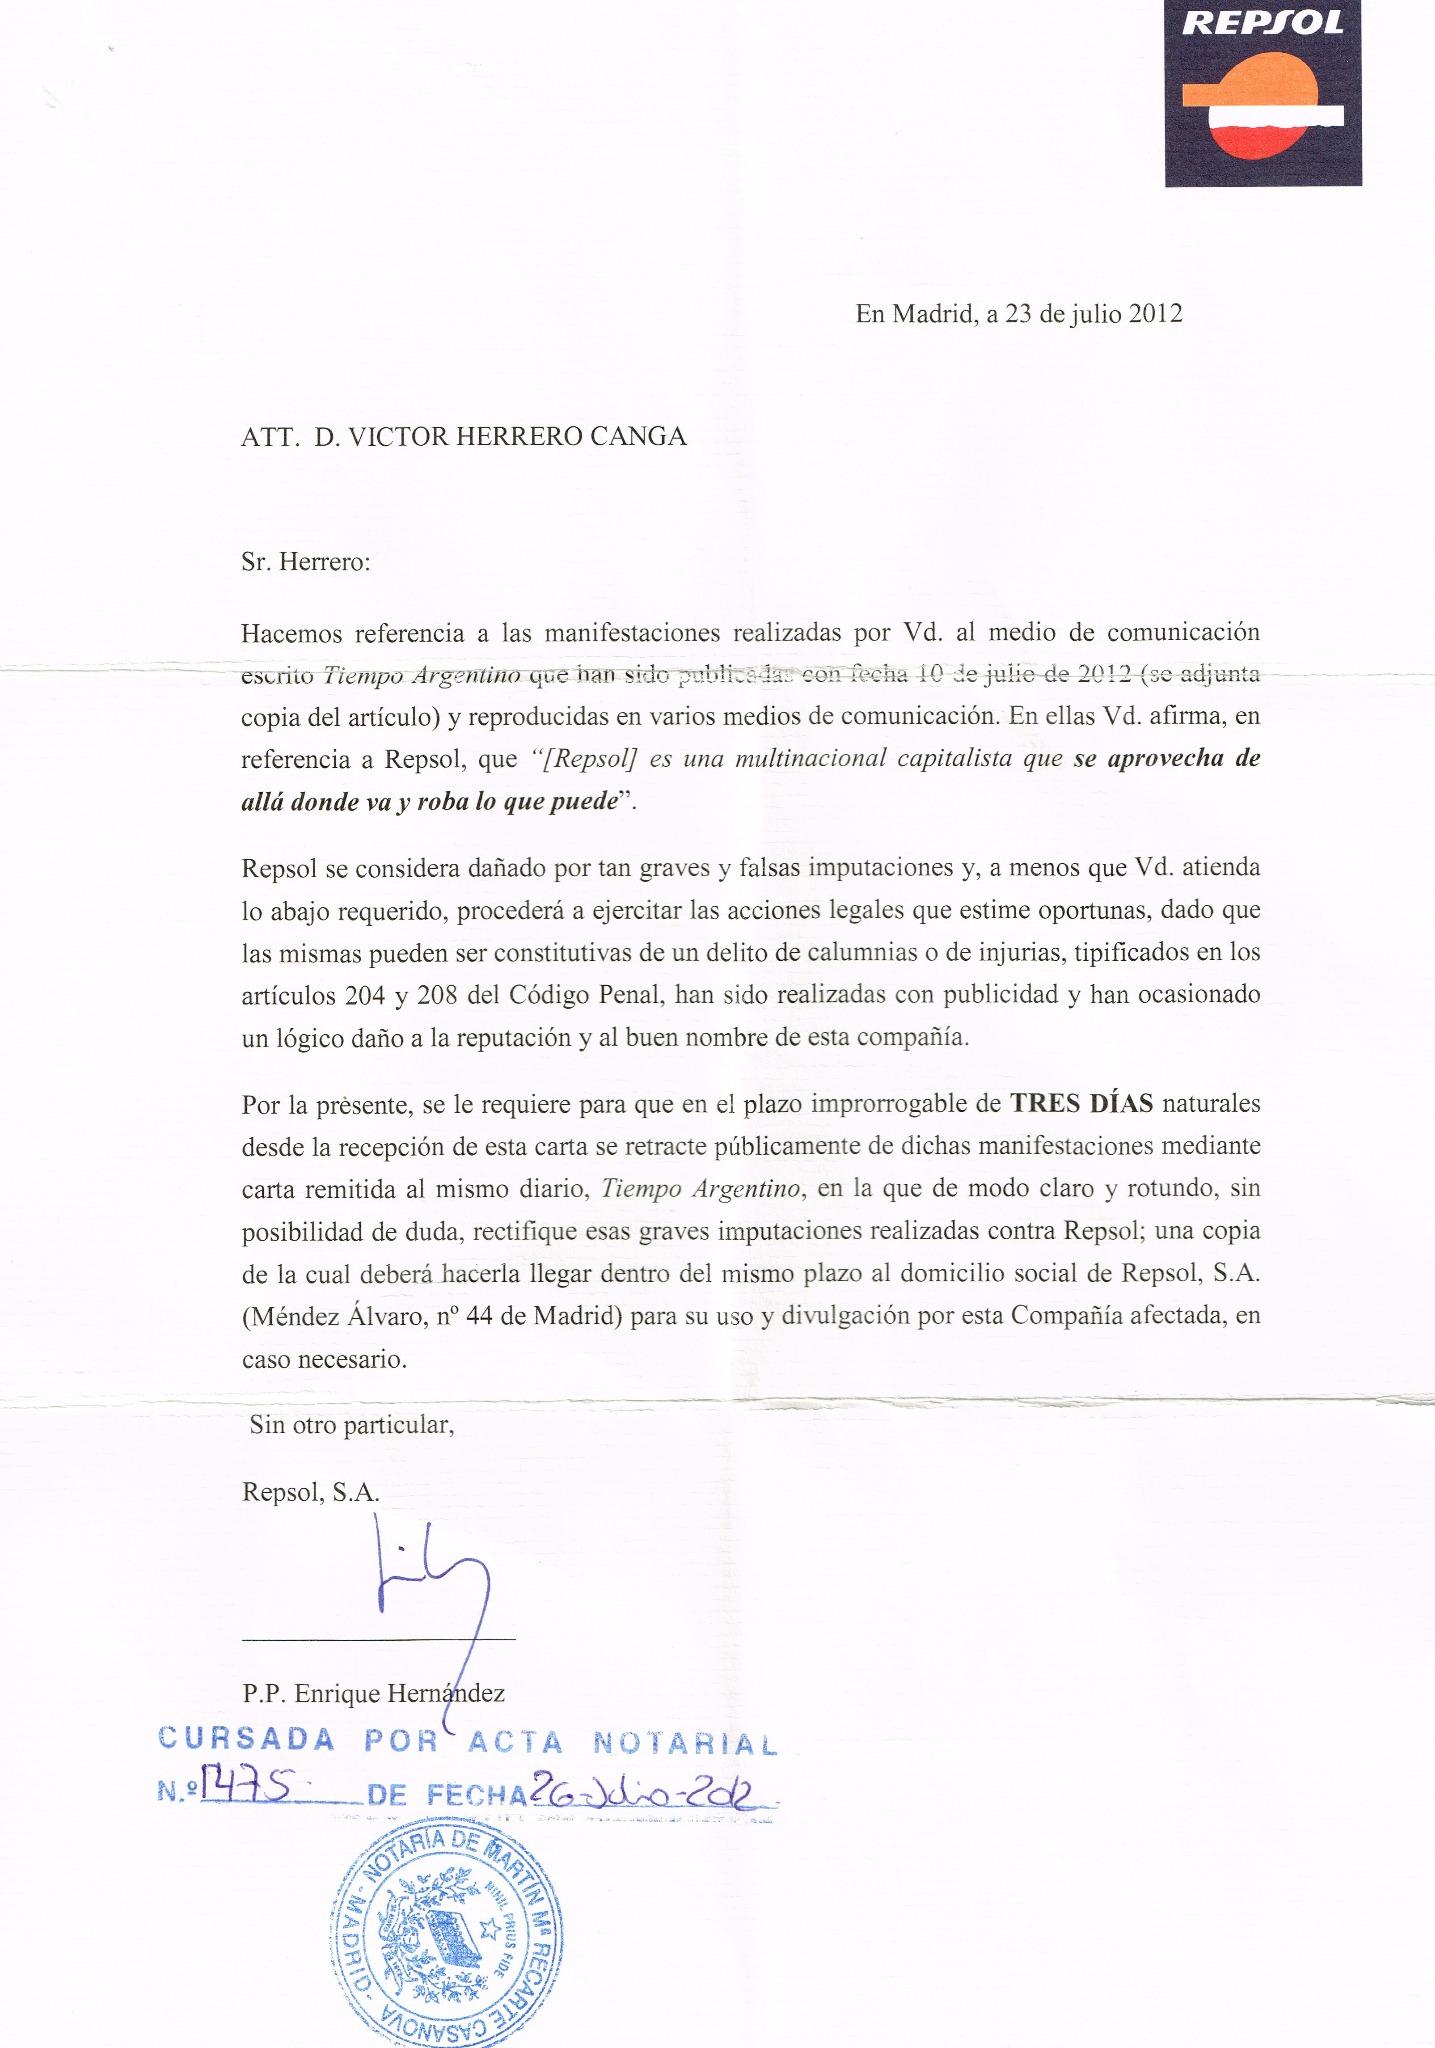 Aquí va la carta en forma d amenaza k me envía Repsol Yo no tengo nada d que preocuparme en un país libre y democratico http://t.co/LYJRFw2o